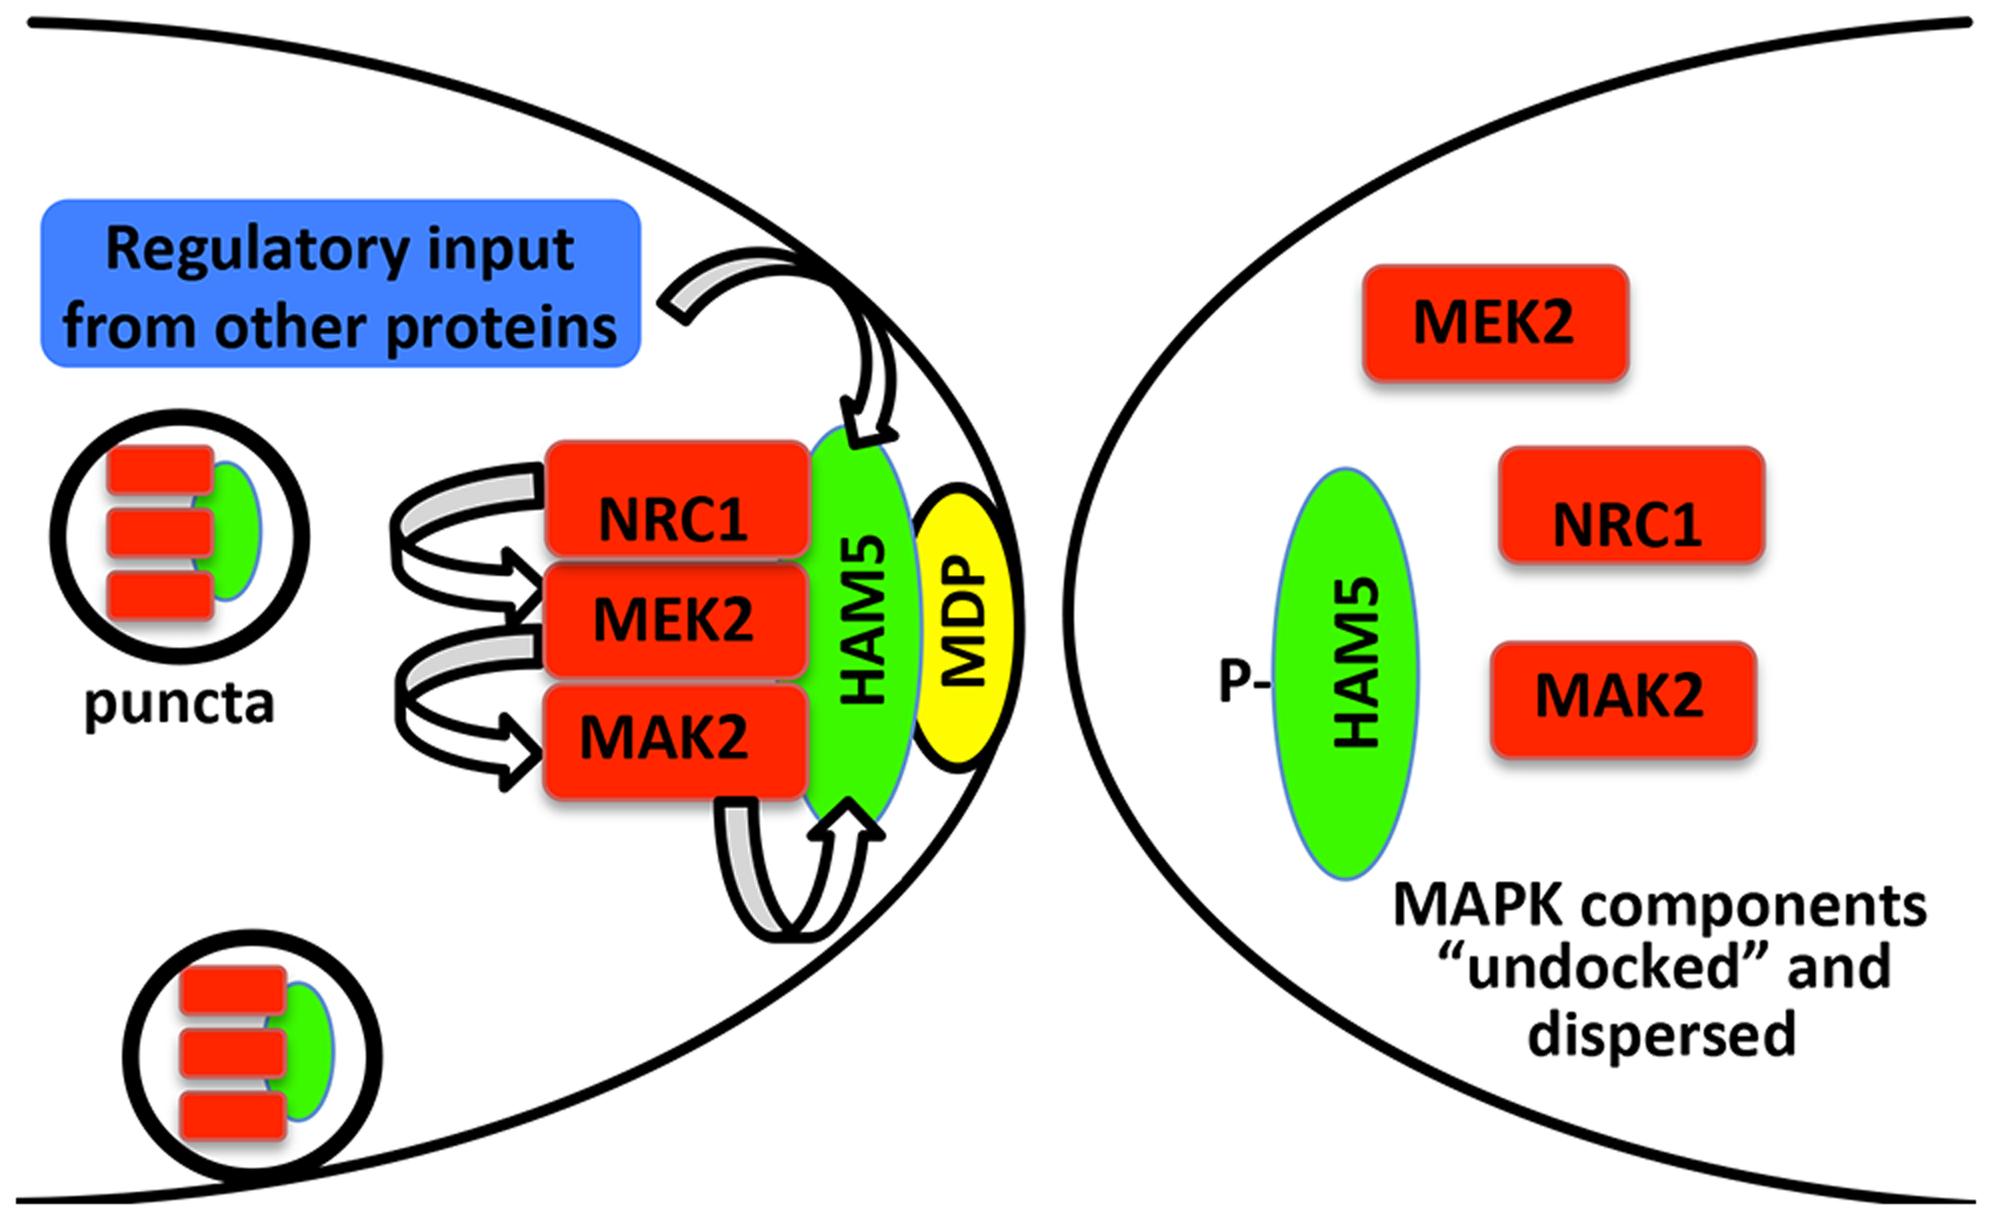 Model for HAM-5-MAK-2/MEK-2/NRC-1 function during chemotropic interactions.